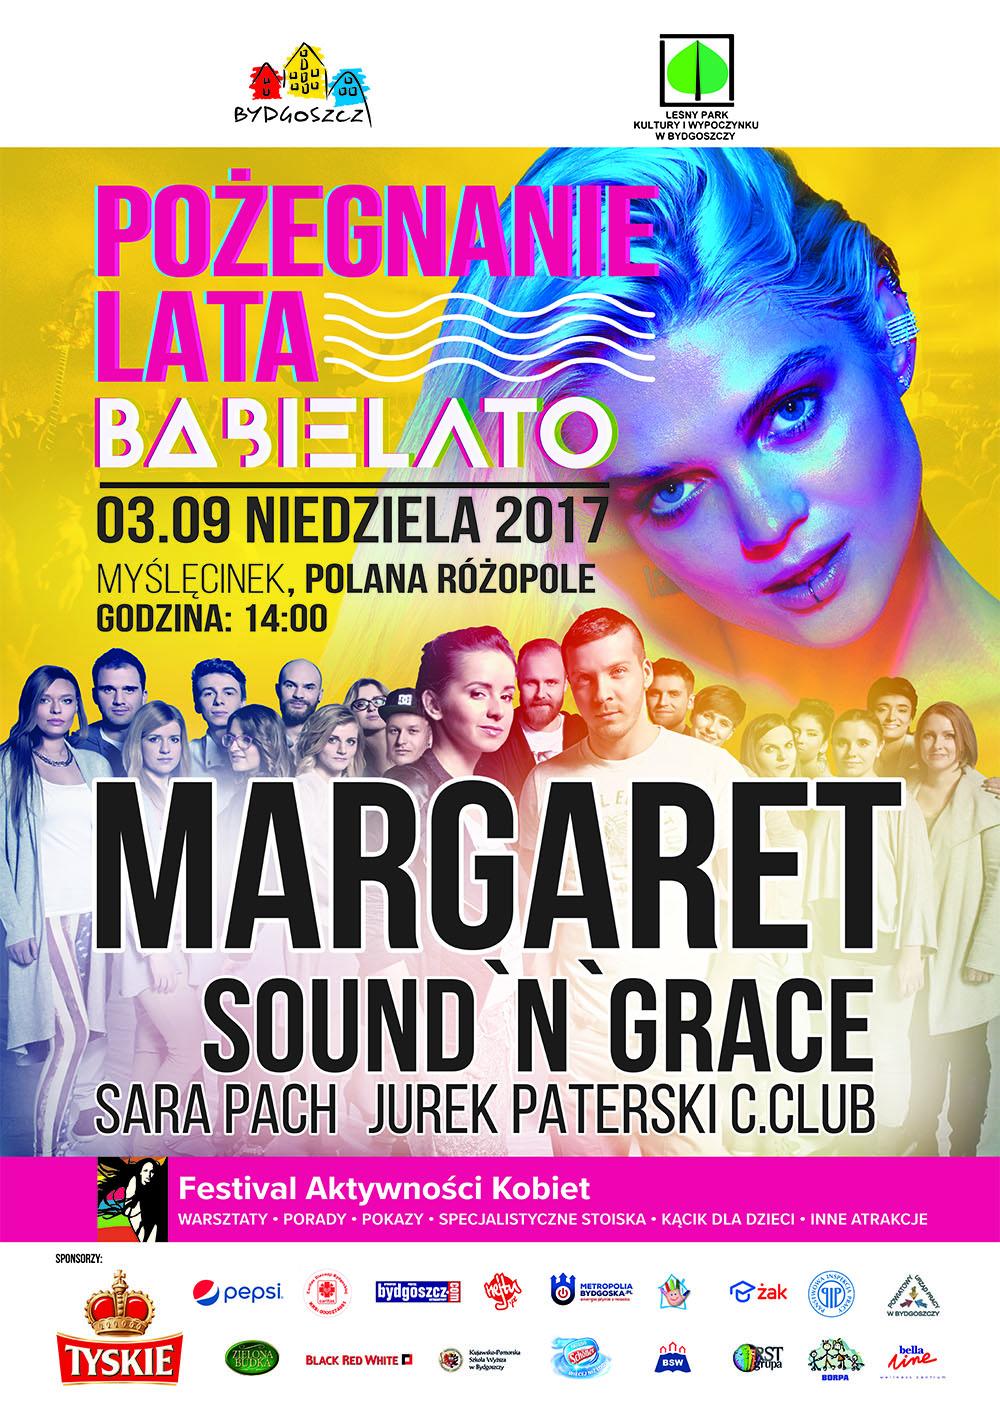 Imprezy dla singli w Warszawie. Wstp tylko bez pary